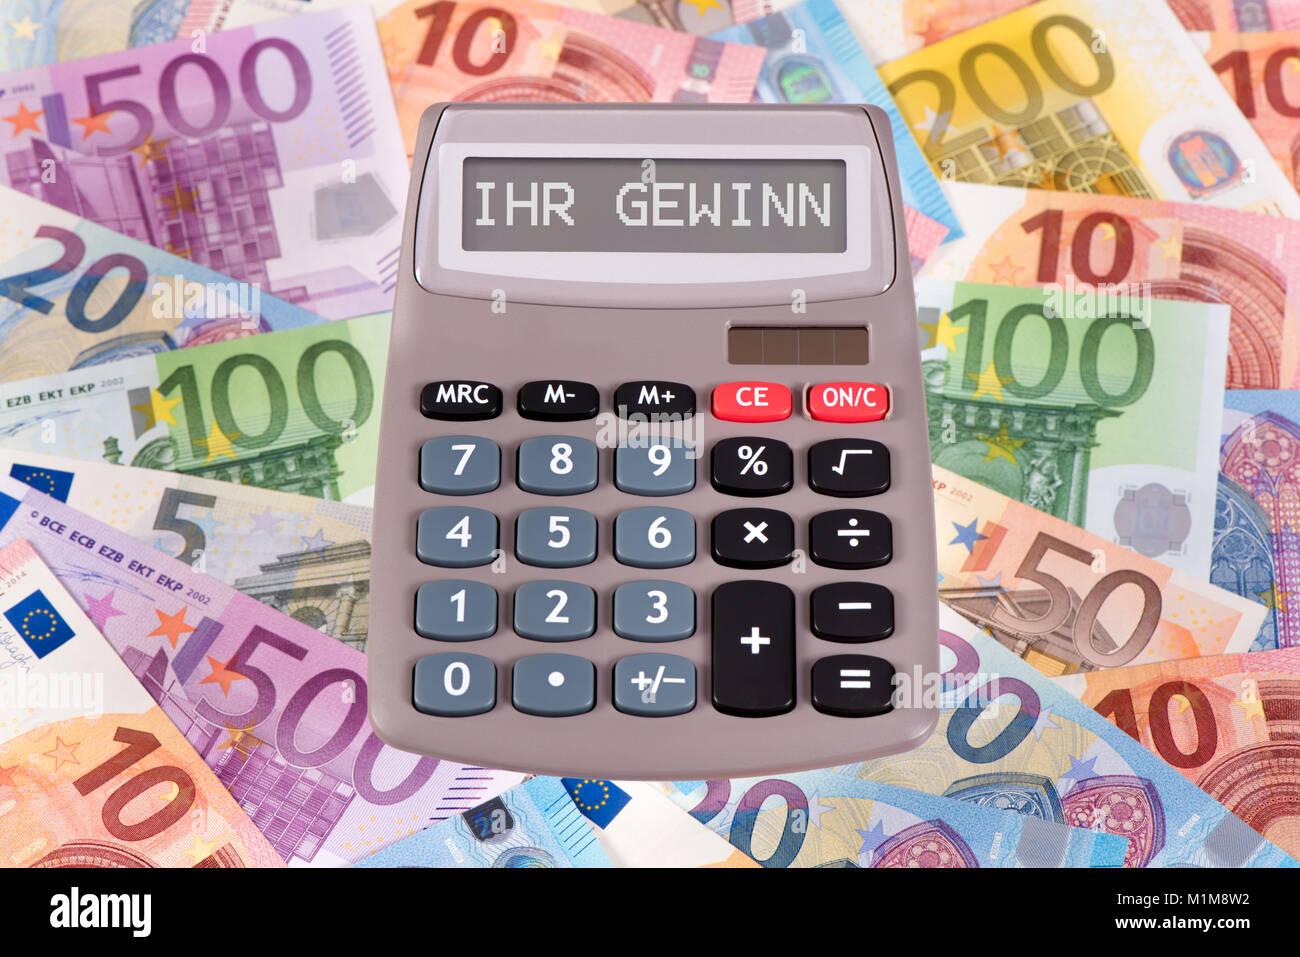 Taschenrechner mit Aufschrift Ihr Gewinn - Stock Image